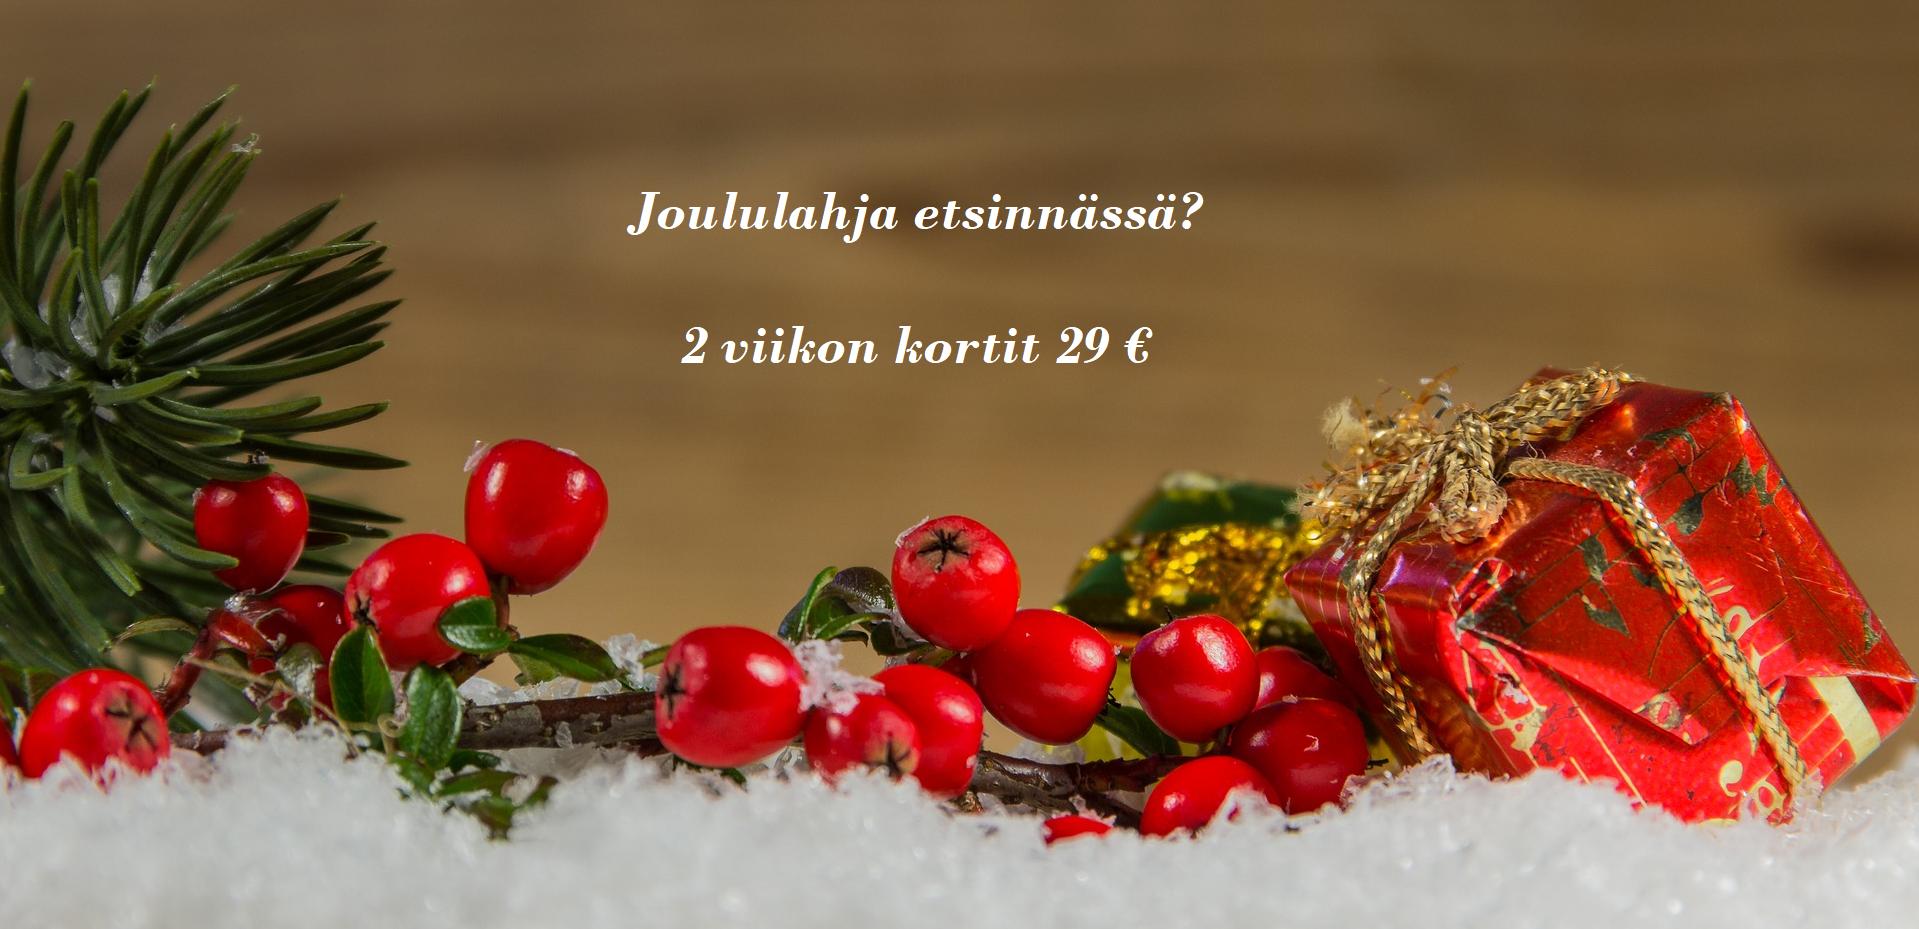 Joululahjaksi treeniä? 2 viikon kortit 29 €!*